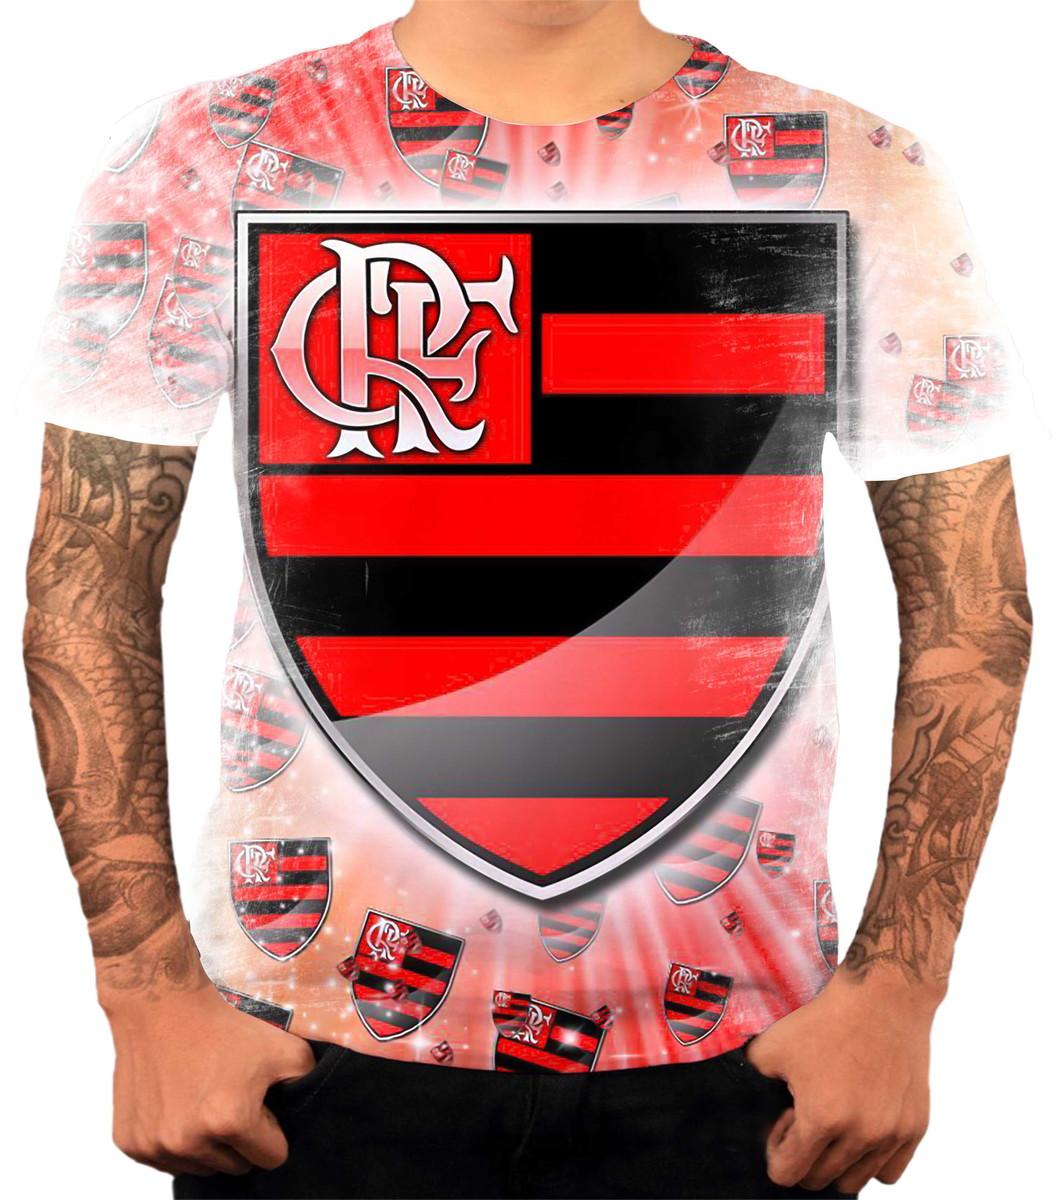 a8022b5b91 Camisa Camiseta Personalizada Time De Futebol Flamengo 03 no Elo7 ...